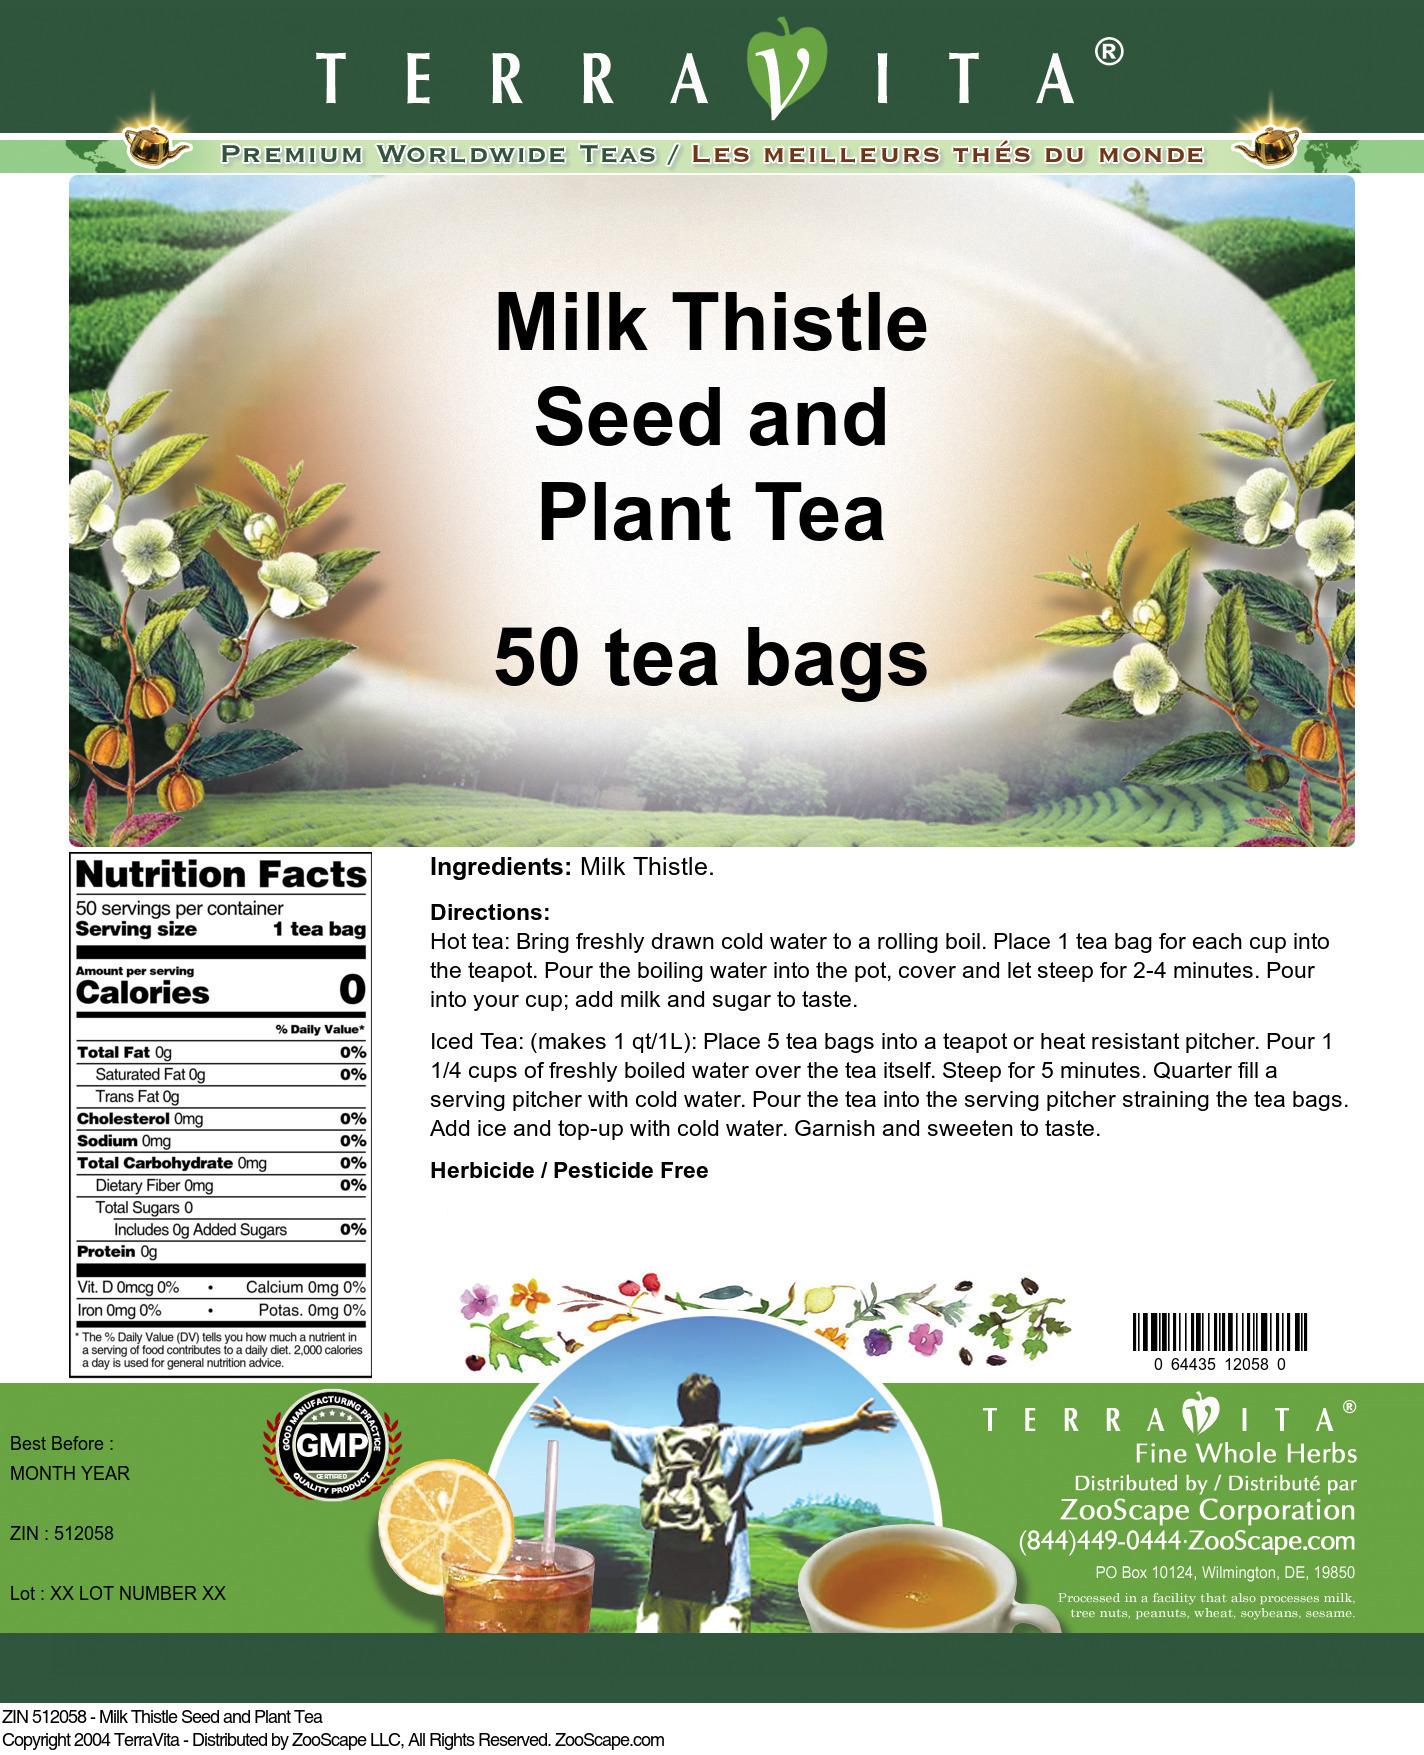 Milk Thistle Seed and Plant Tea